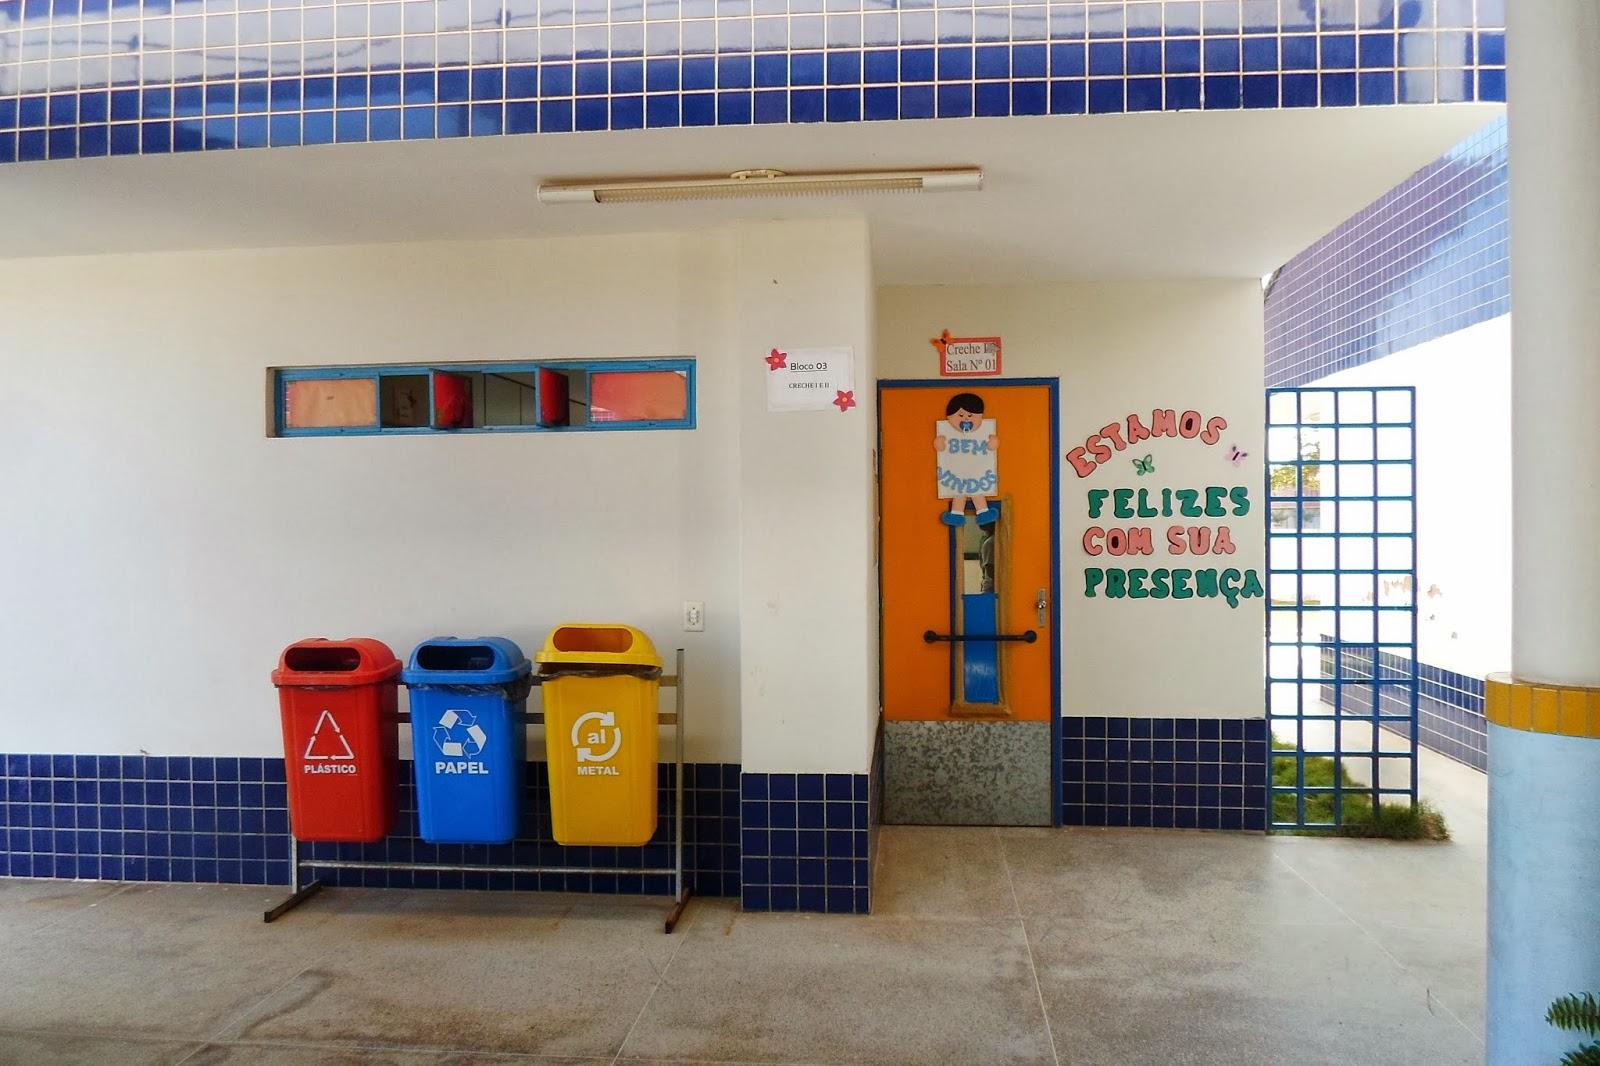 Imagens de #7E381B ESTRUTURA DA CRECHE ~ CEI Ana Marcelo Antunes CEI AMA 1600x1066 px 3336 Blocos Autocad Banheiro Para Deficientes